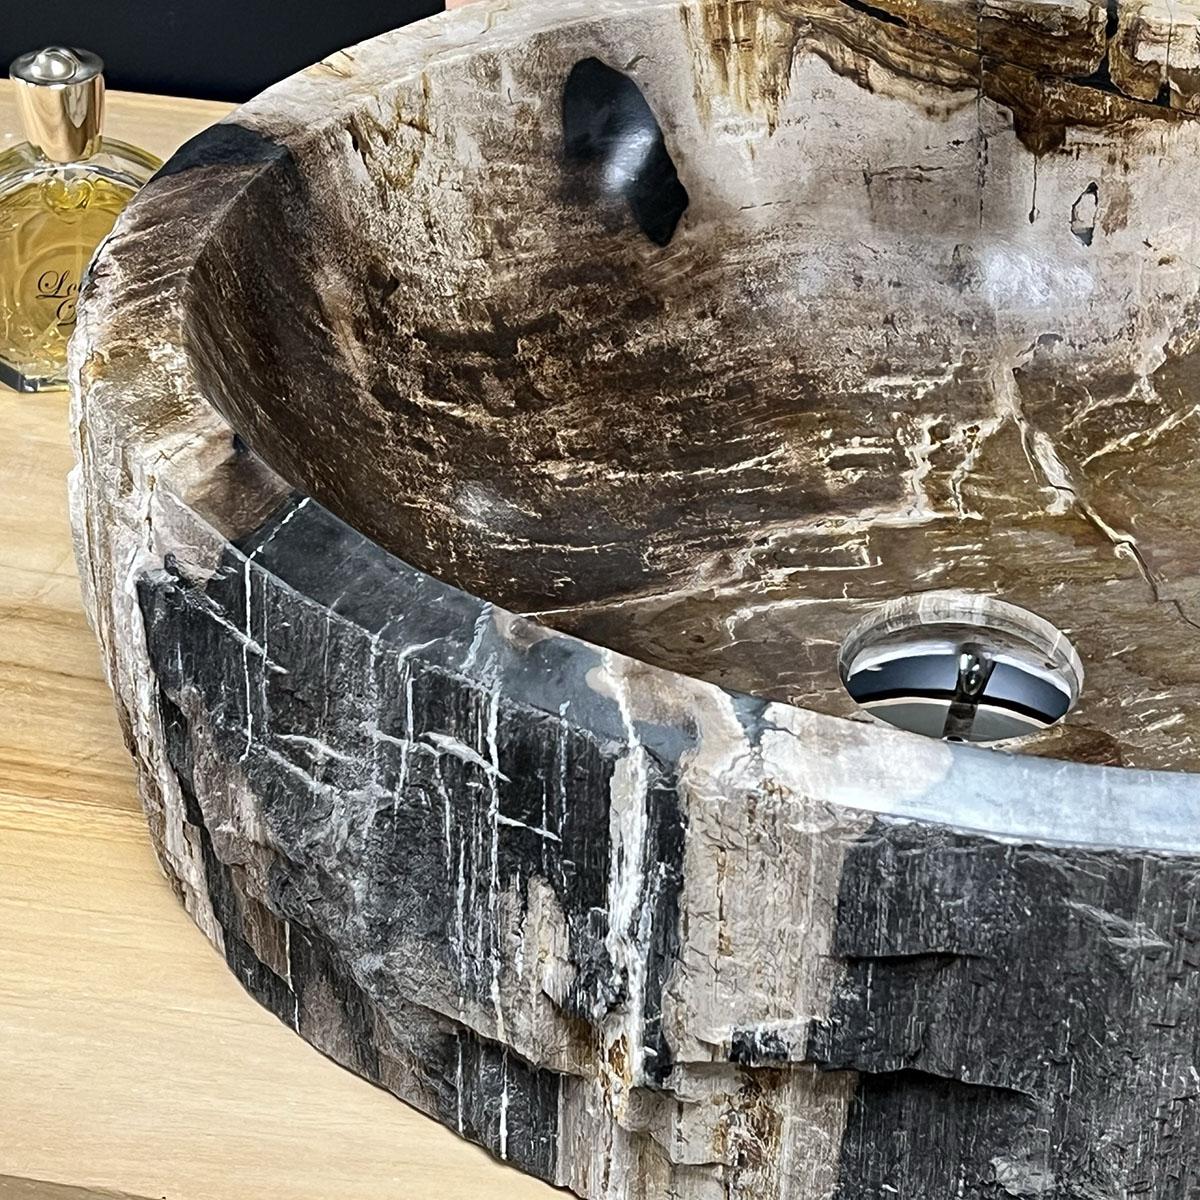 Double vasques de salle de bain en bois pétrifié fossilisé : l : 53 cm